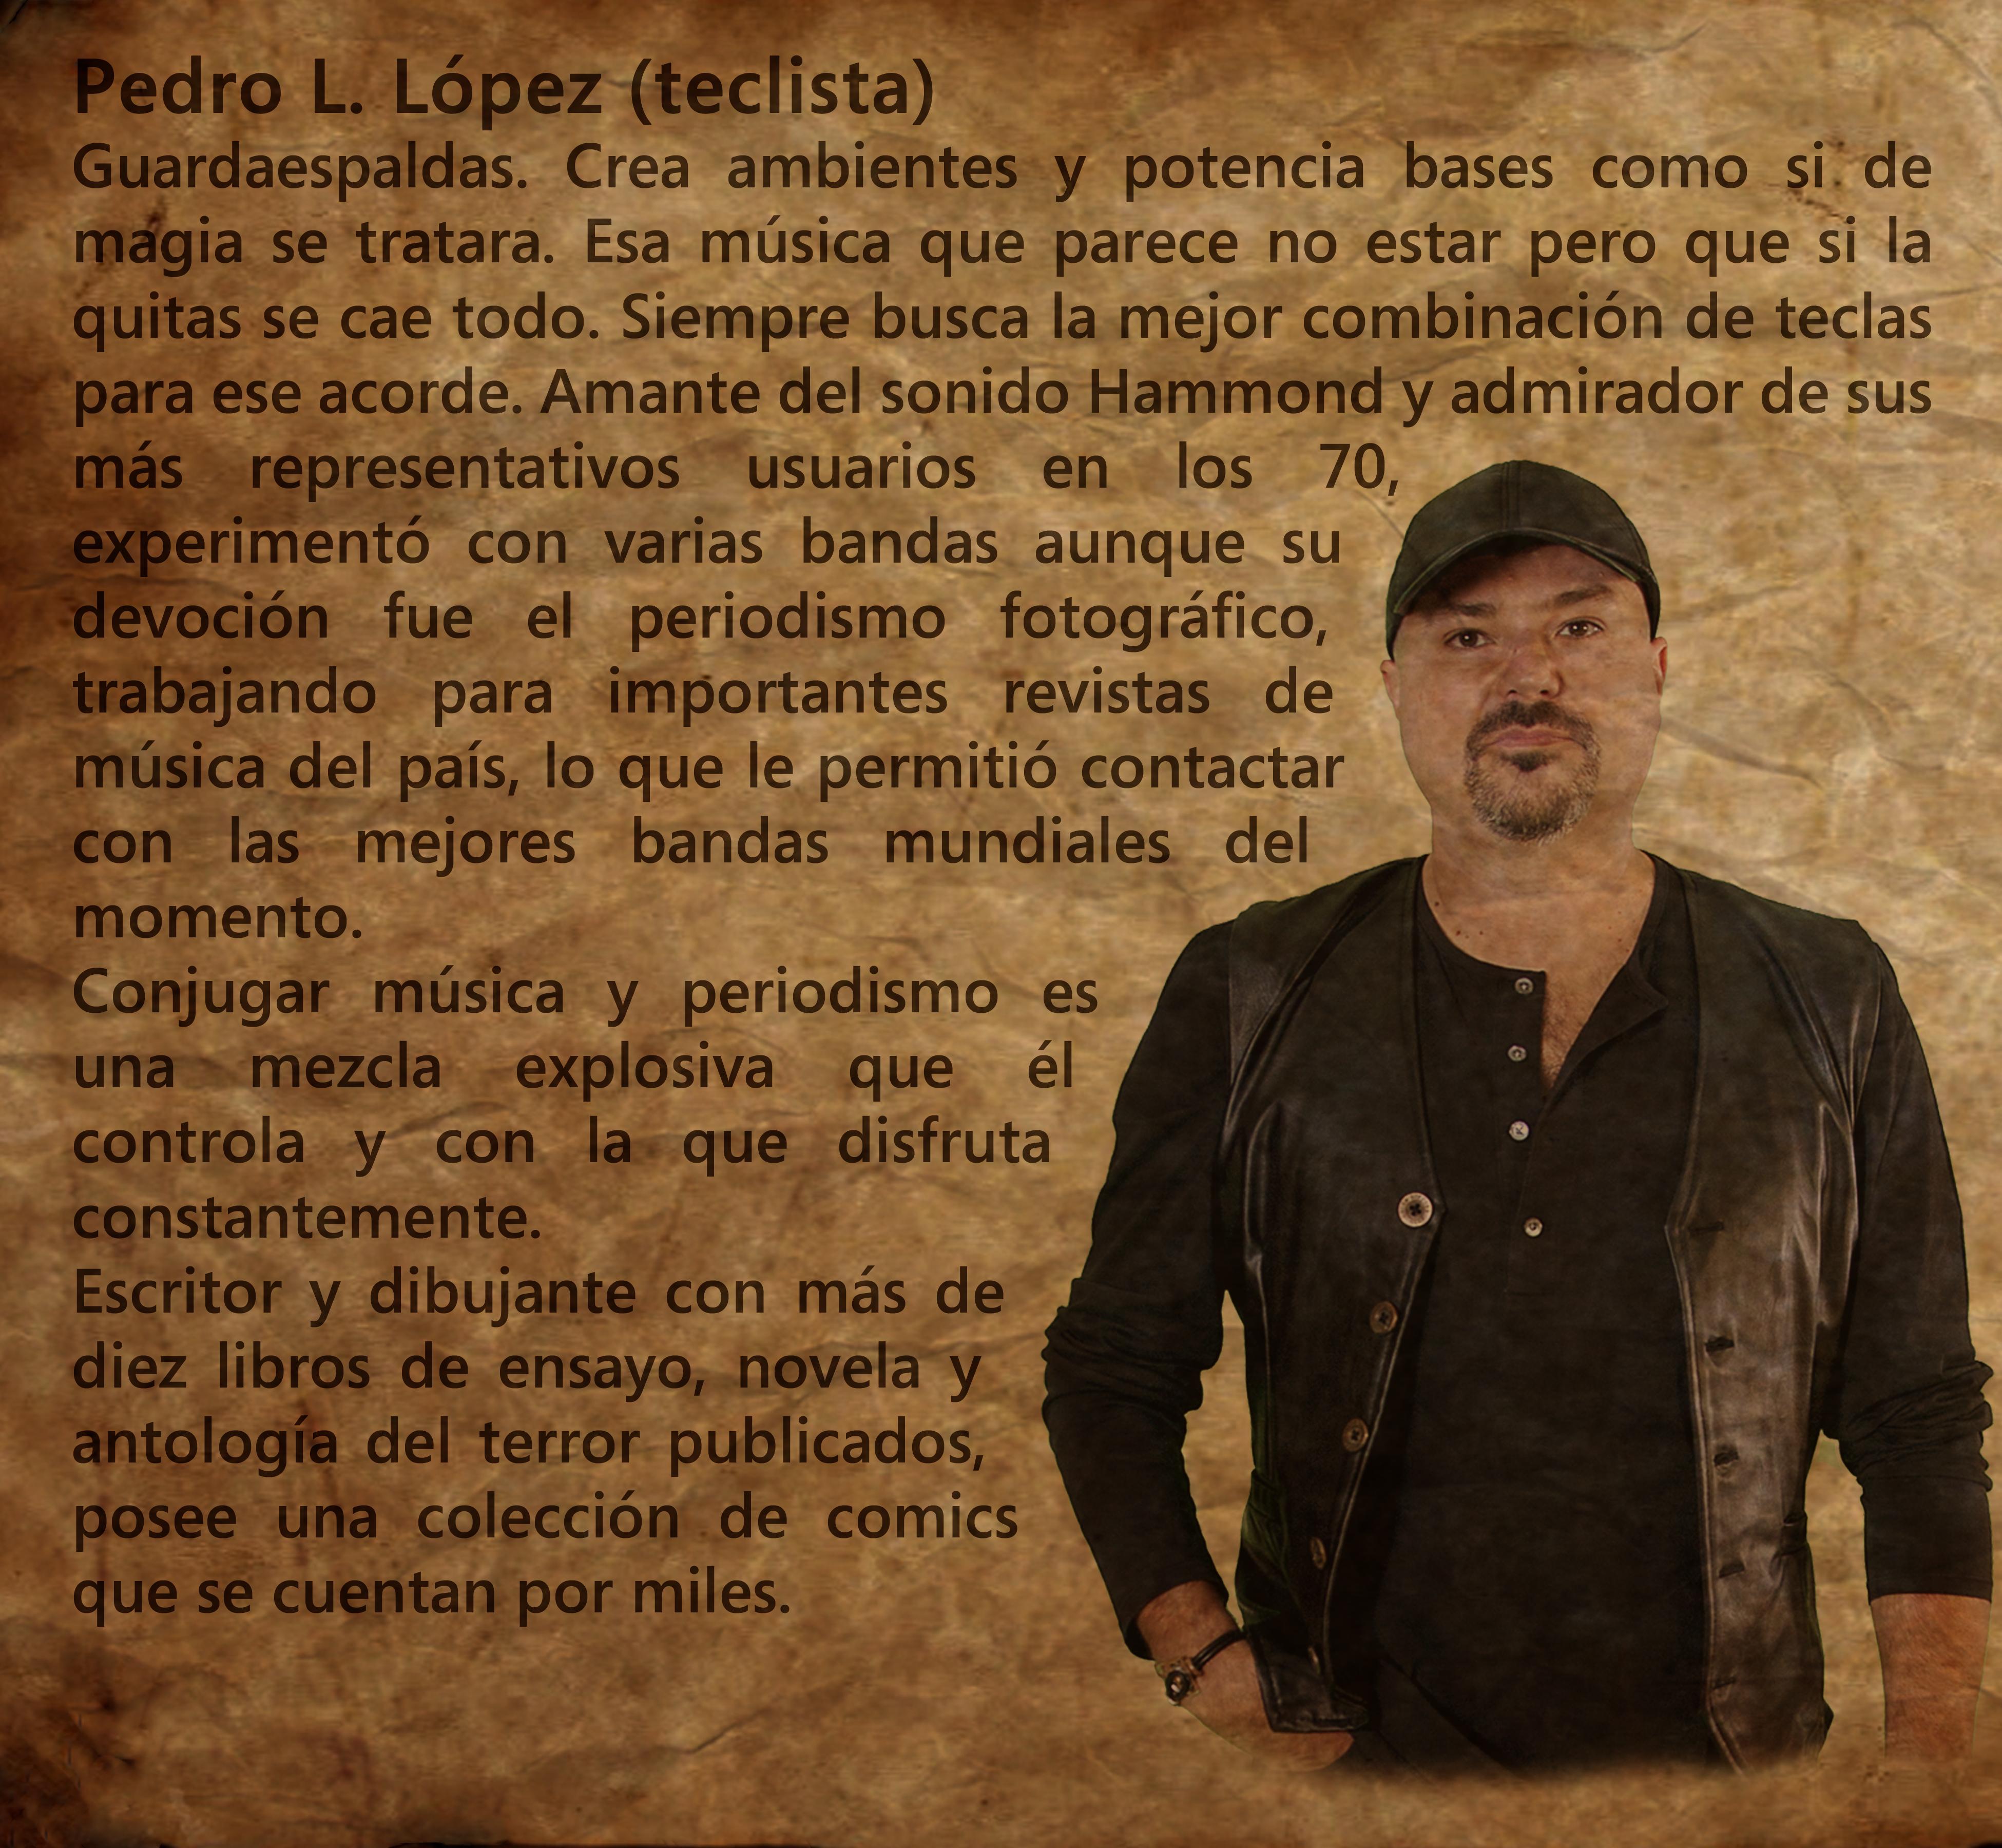 Pedro L. López